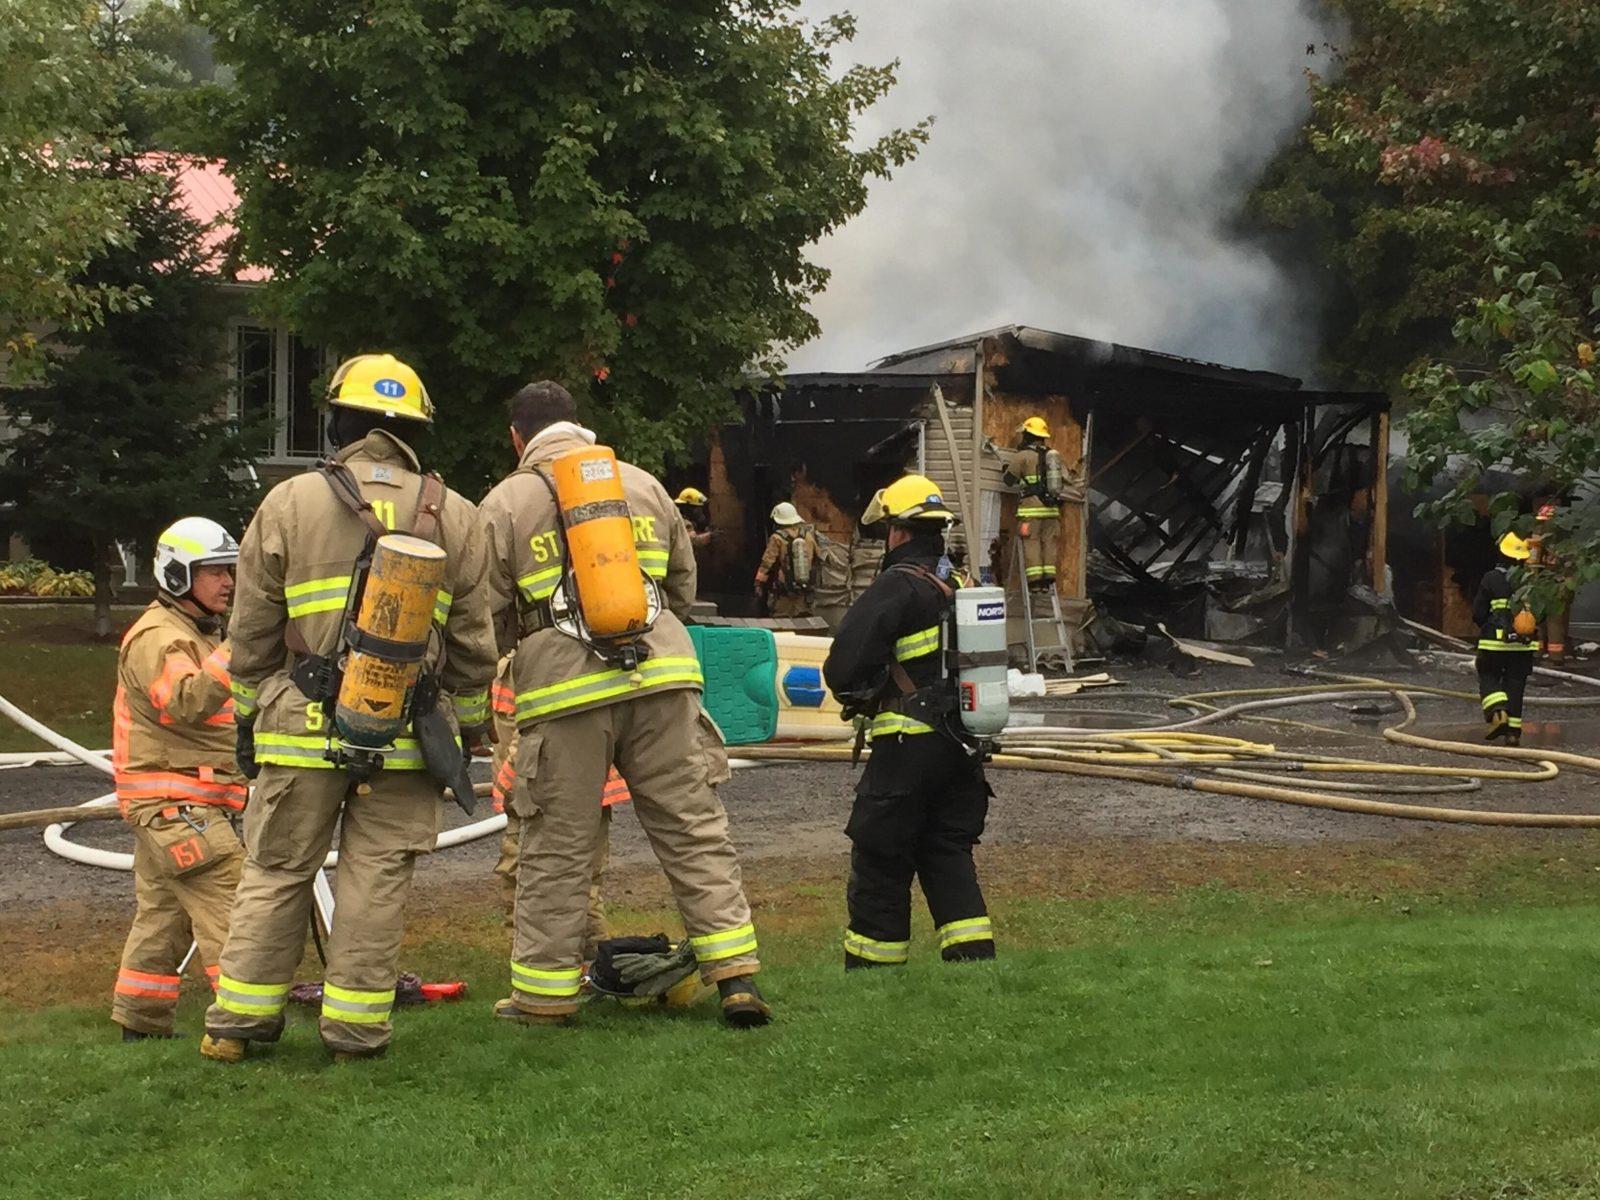 Un garage adjacent à une résidence en feu à Wickham